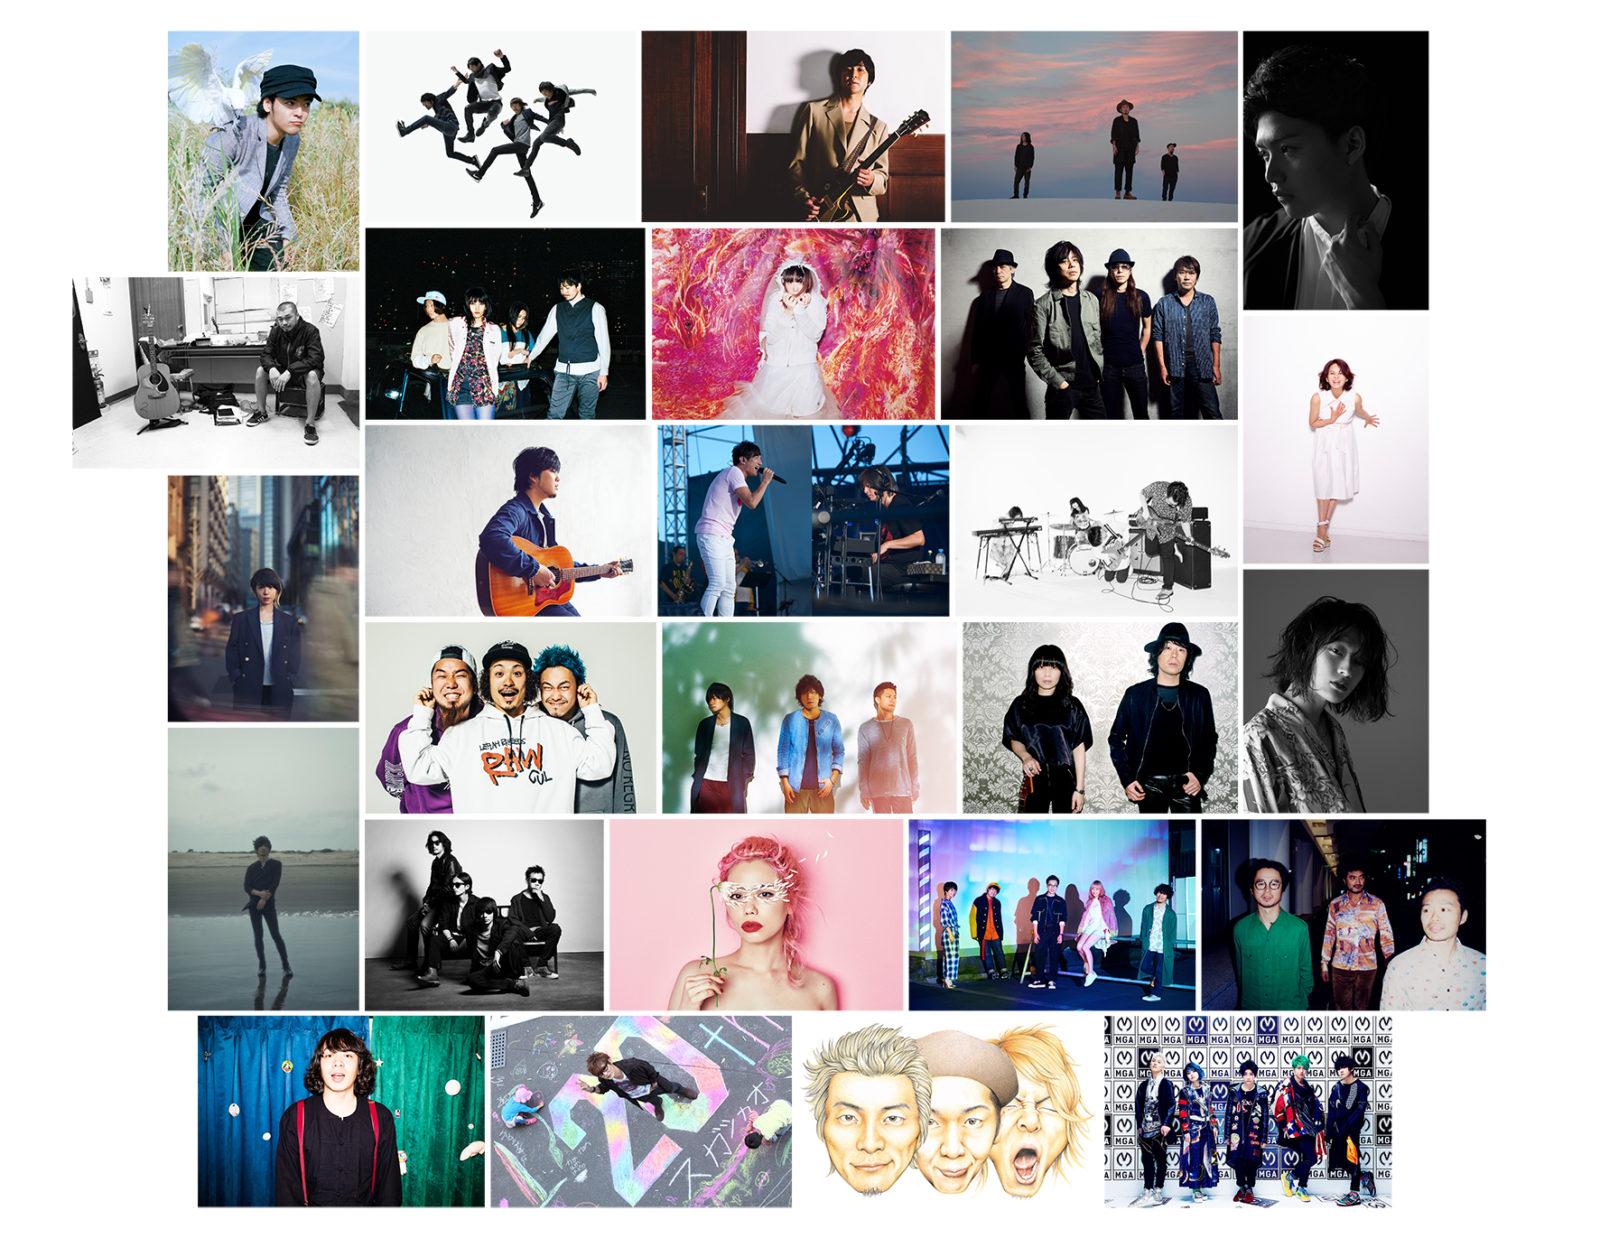 Mr.Children 櫻井和寿と小林武史による新曲が完成「震災のあった場所で芸術祭を行うことの意味」サムネイル画像